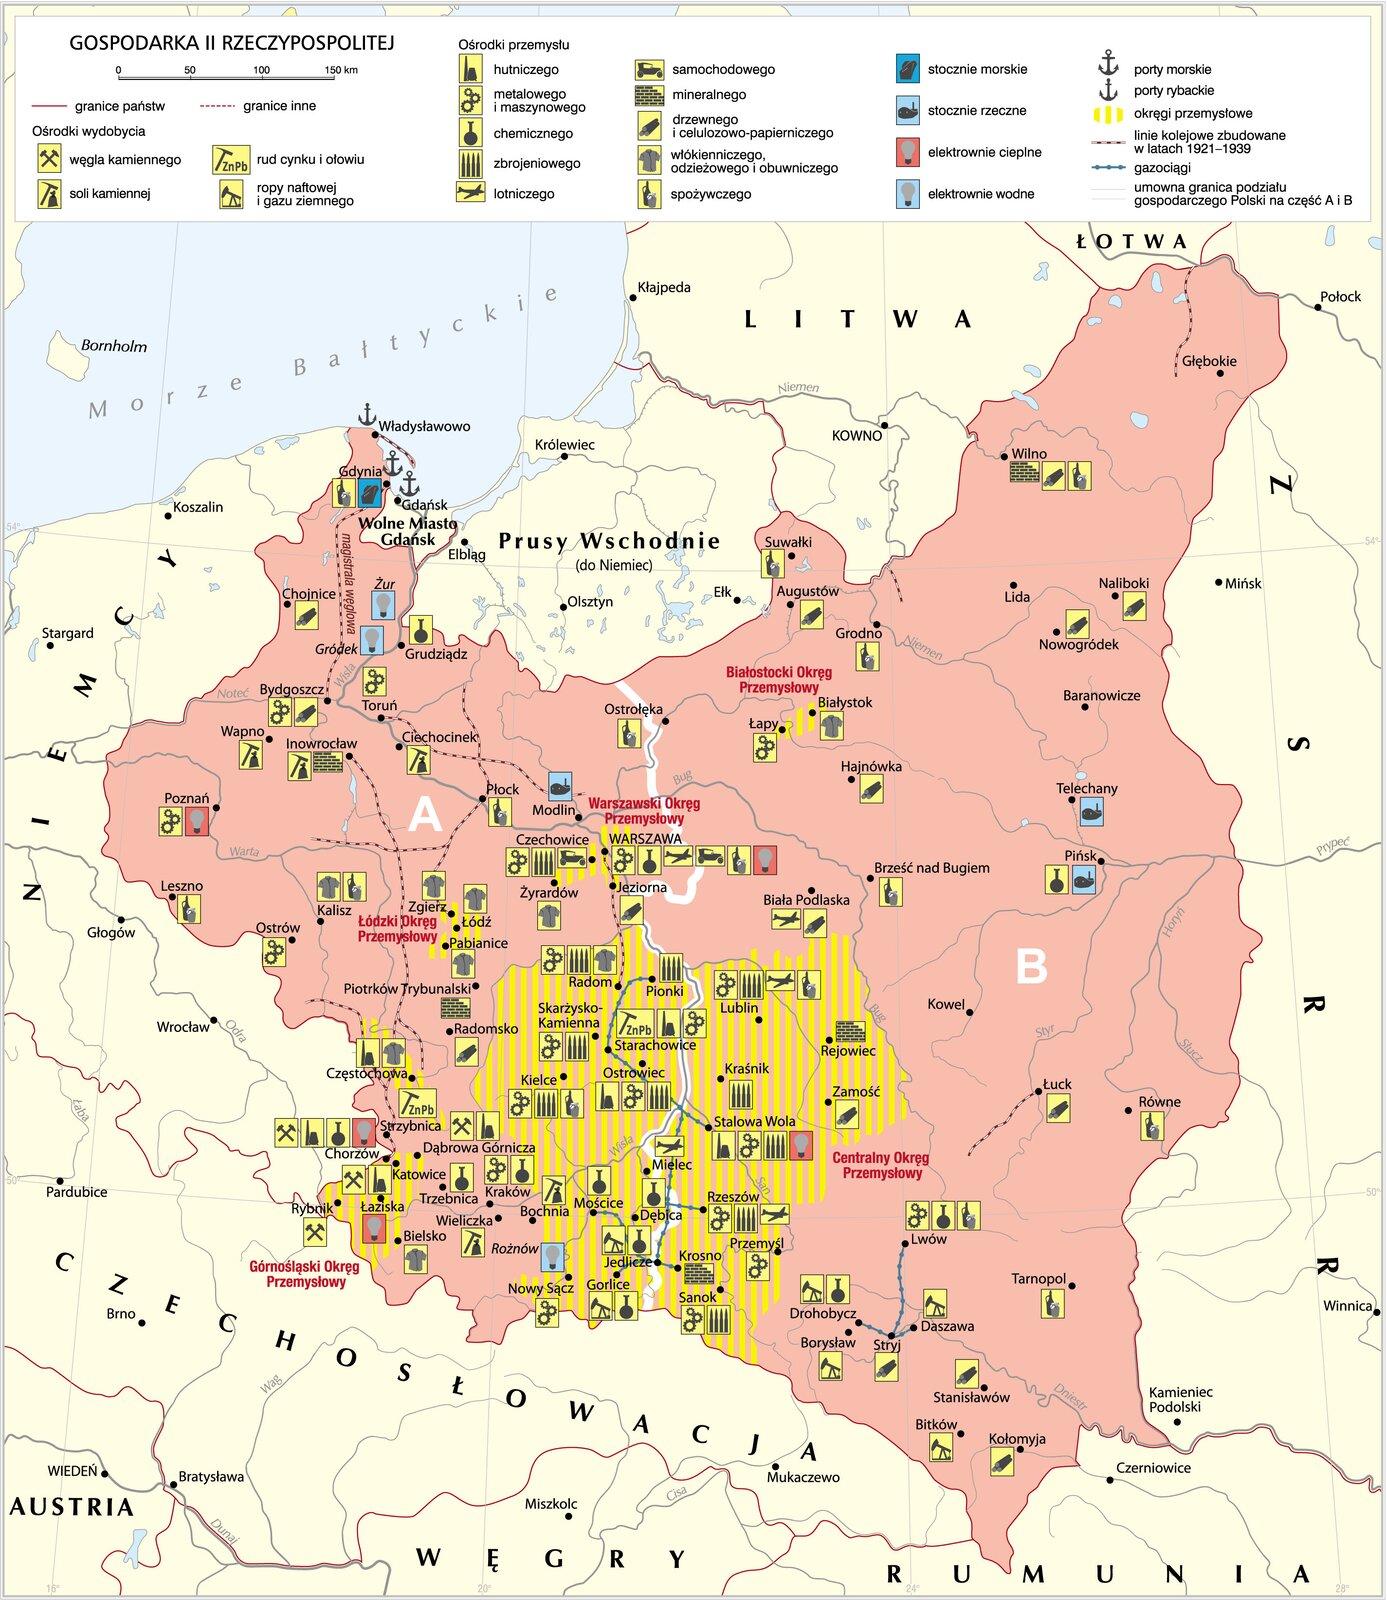 Gospodarka II Rzeczypospolitej Gospodarka II Rzeczypospolitej Źródło: Krystian Chariza izespół, licencja: CC BY 3.0.